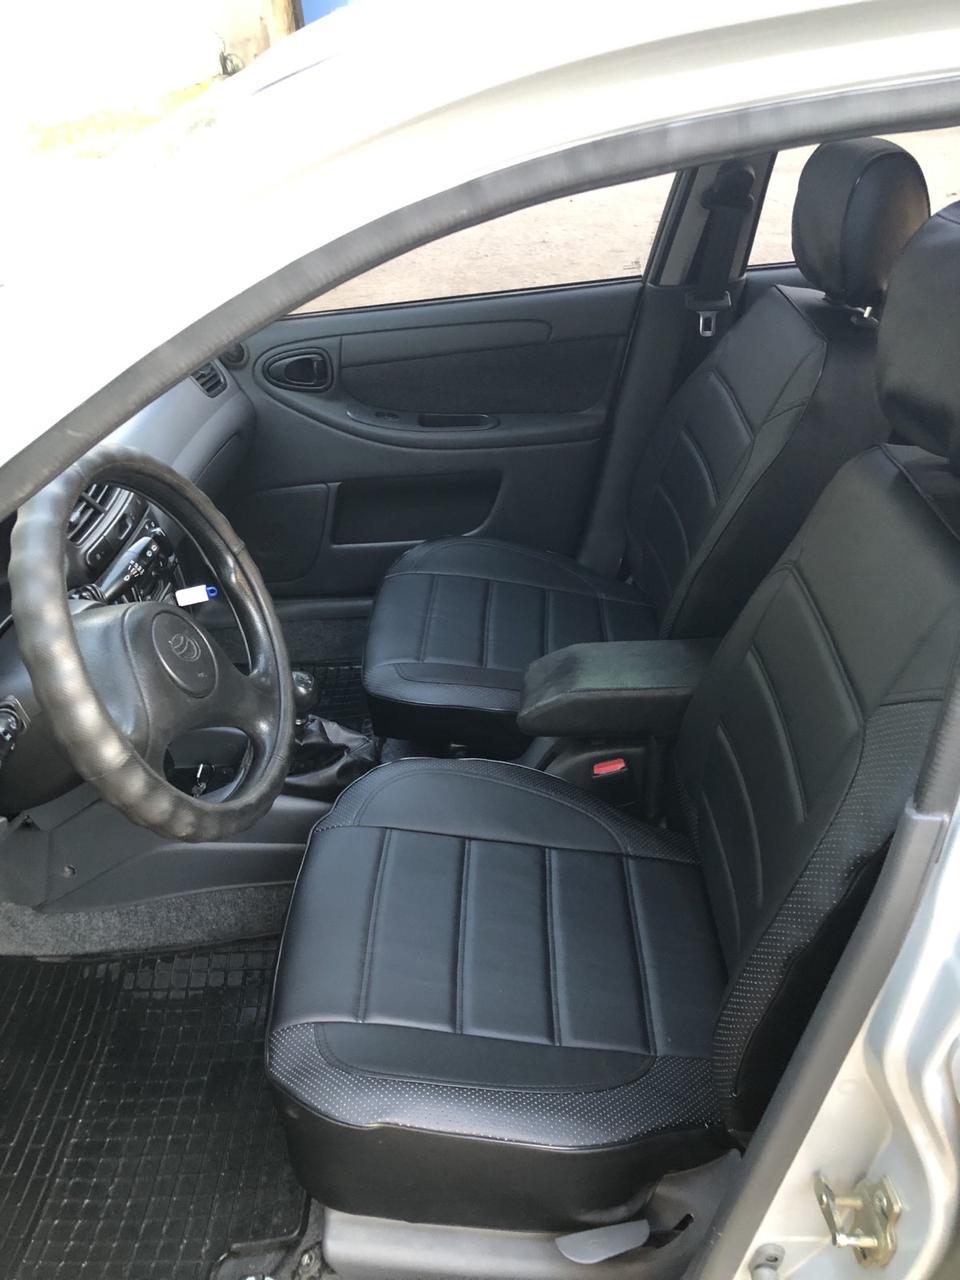 Чехлы на сиденья Рено Сандеро Степвей (Renault Sandero Stepway) модельные MAX-L из экокожи Черный